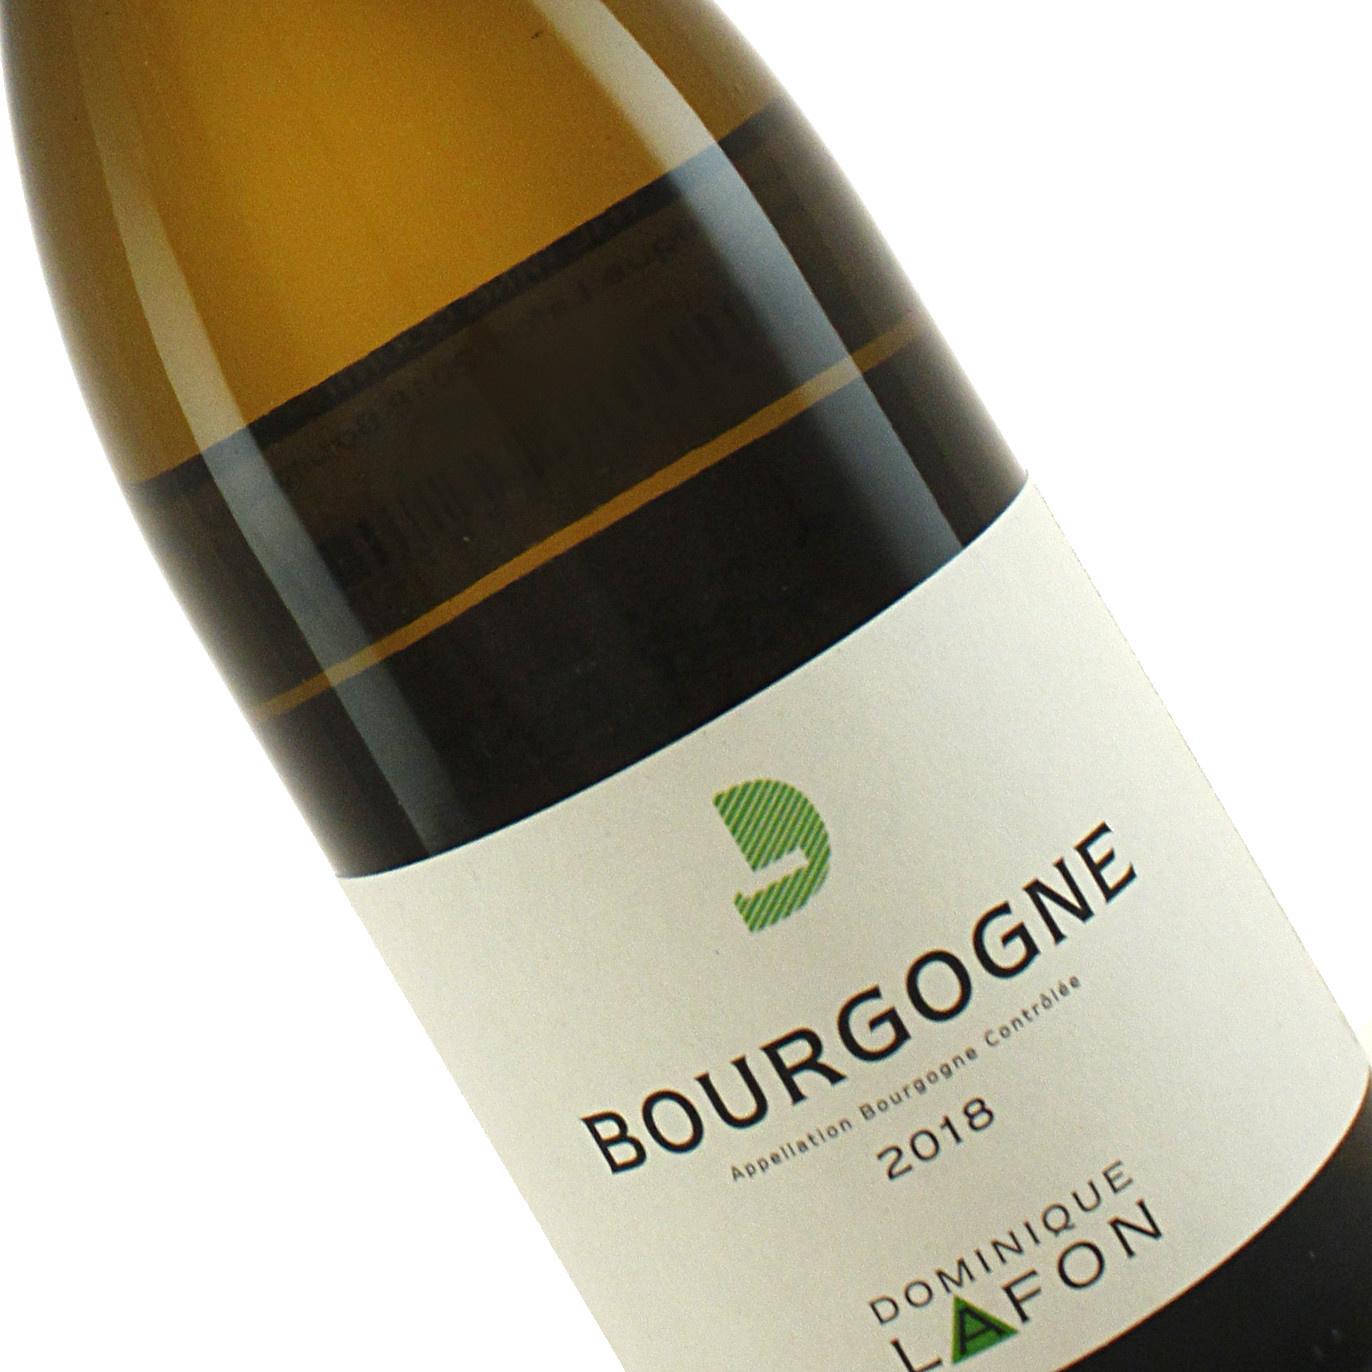 Dominique Lafon 2018 Bourgogne Blanc